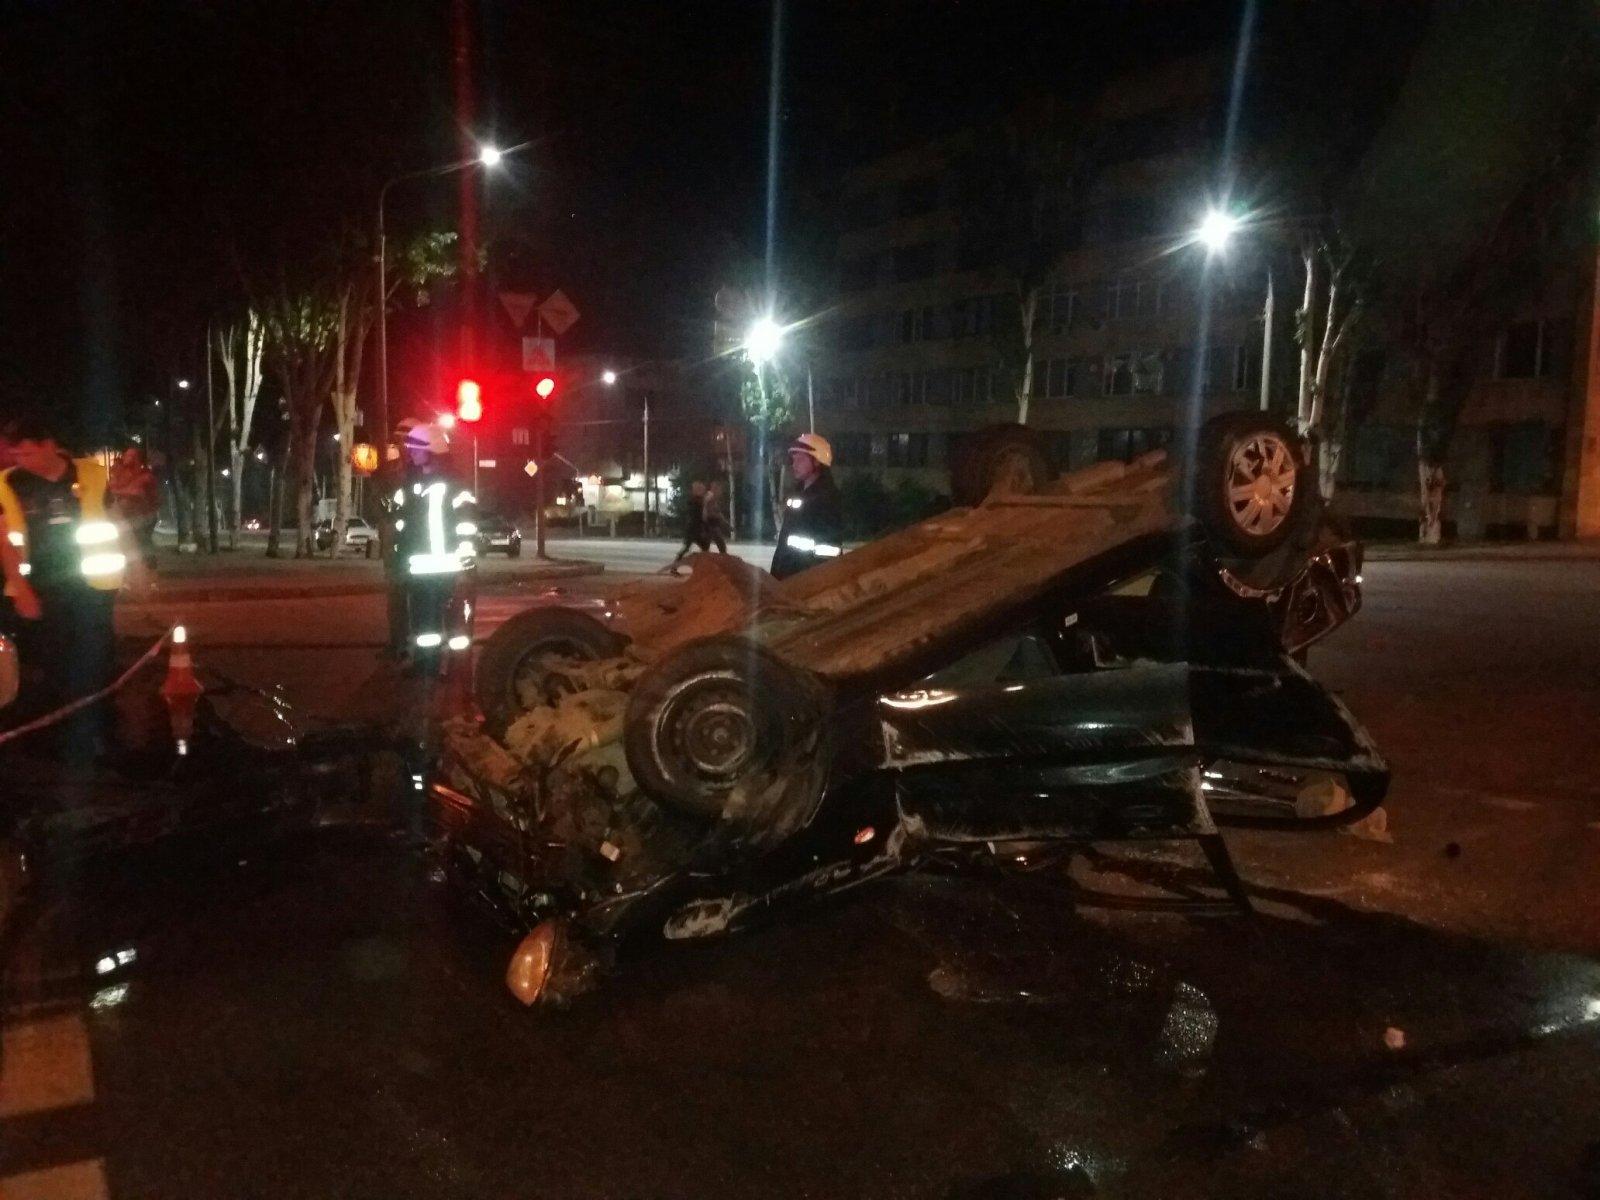 В центре Запорожья произошло серьезное ДТП: водитель не справился с управлением и автомобиль перевернулся - ФОТО